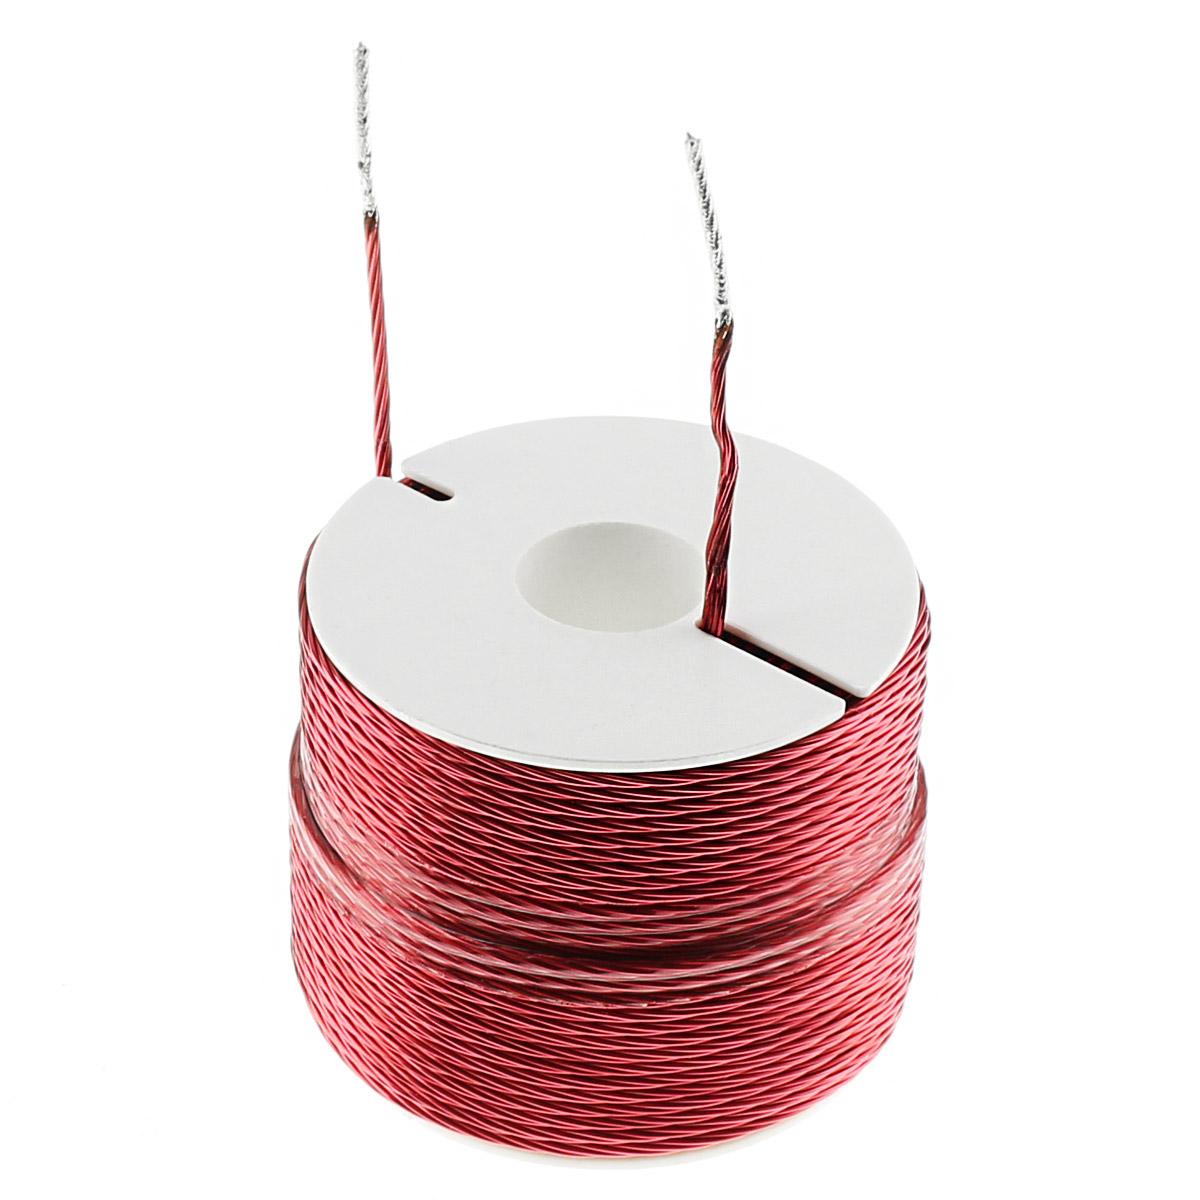 MUNDORF LL60 7 Strands Copper Wire Coil 1.2mH